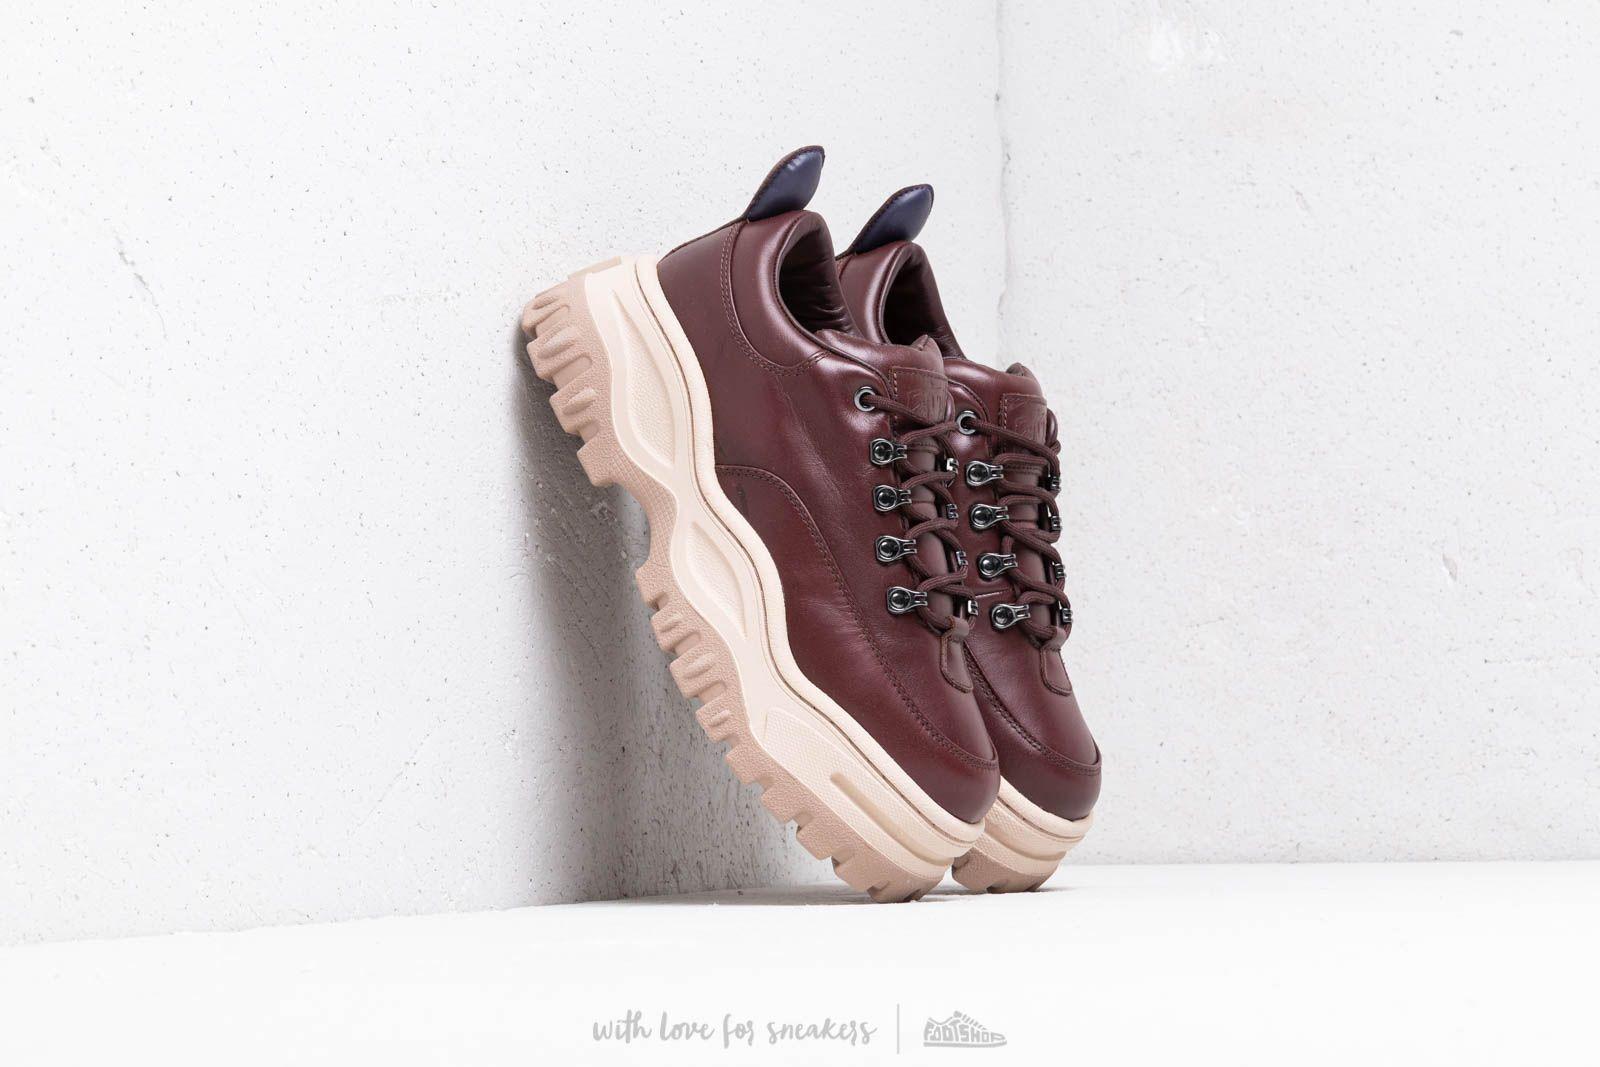 Eytys Angel Leather Chocolate za skvelú cenu 282 € kúpite na Footshop.sk